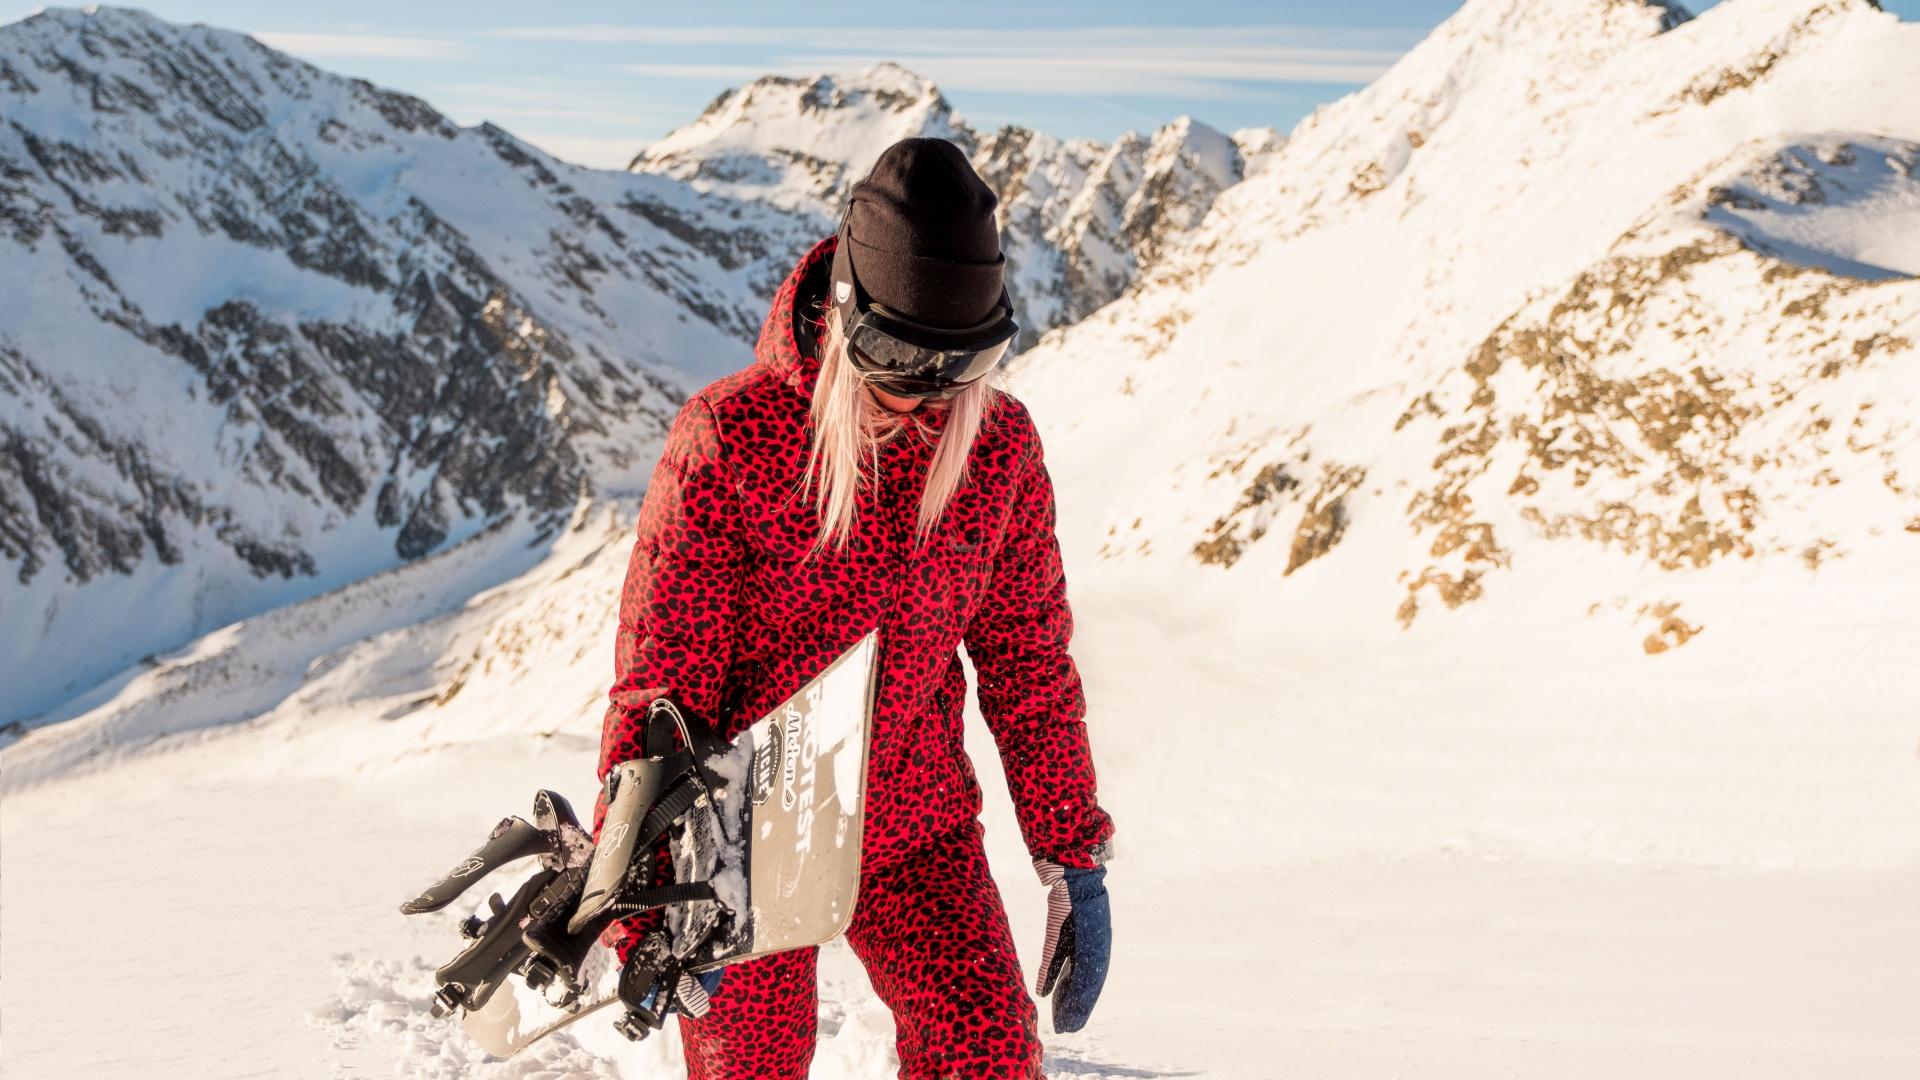 Protest's leopard print ski suit